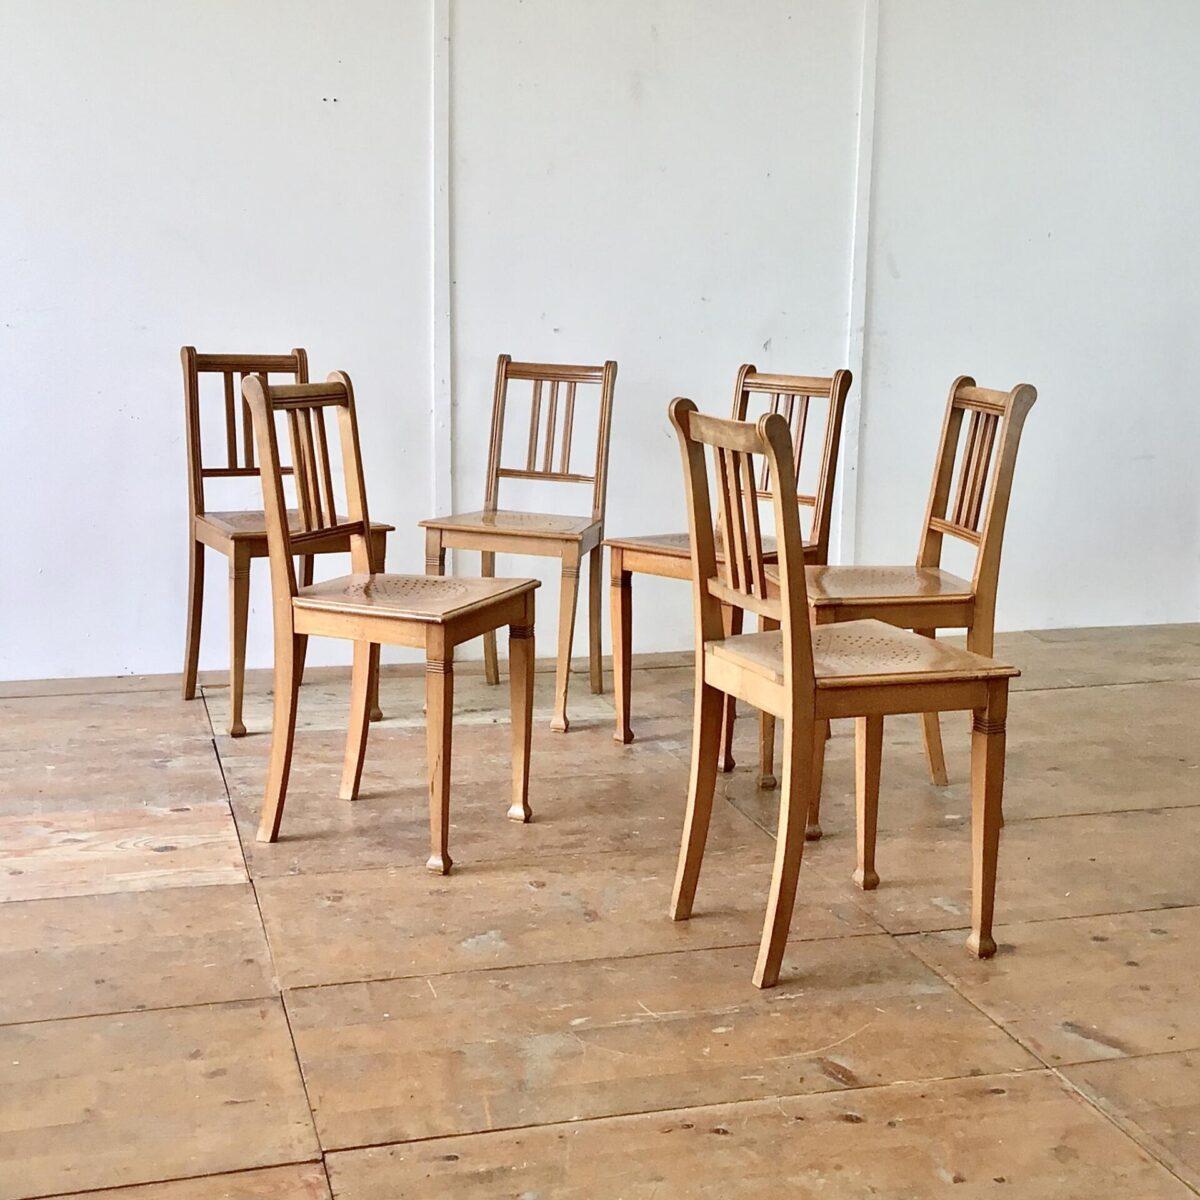 Deuxieme.shop 6 Biedermeier Stühle aus Buchenholz in stabilem guten Zustand.